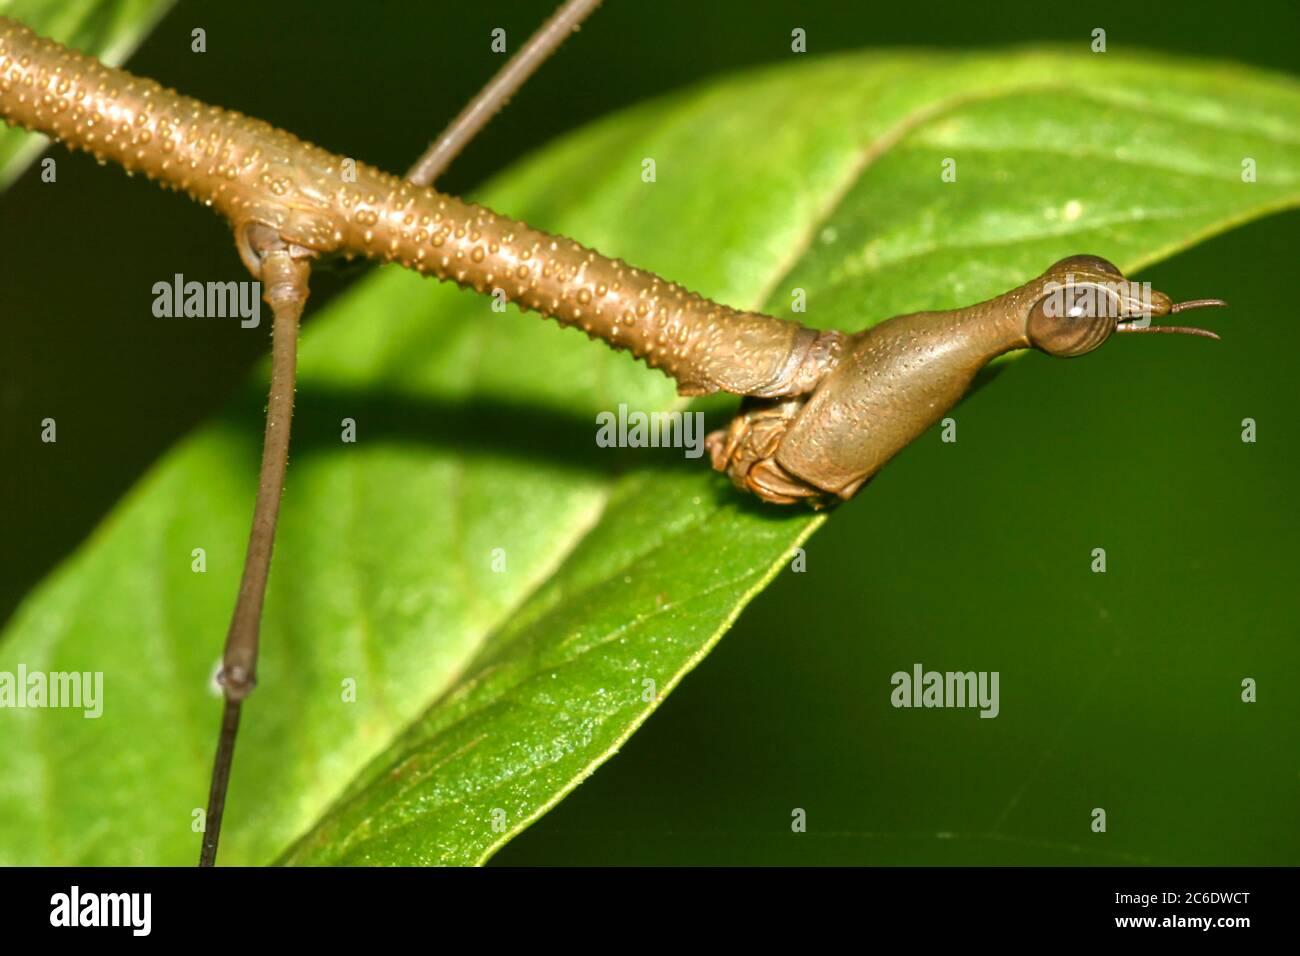 Insecto de Palo Tropical, Selva, Cuenca del Río Napo, Amazonia, Ecuador, América Foto de stock